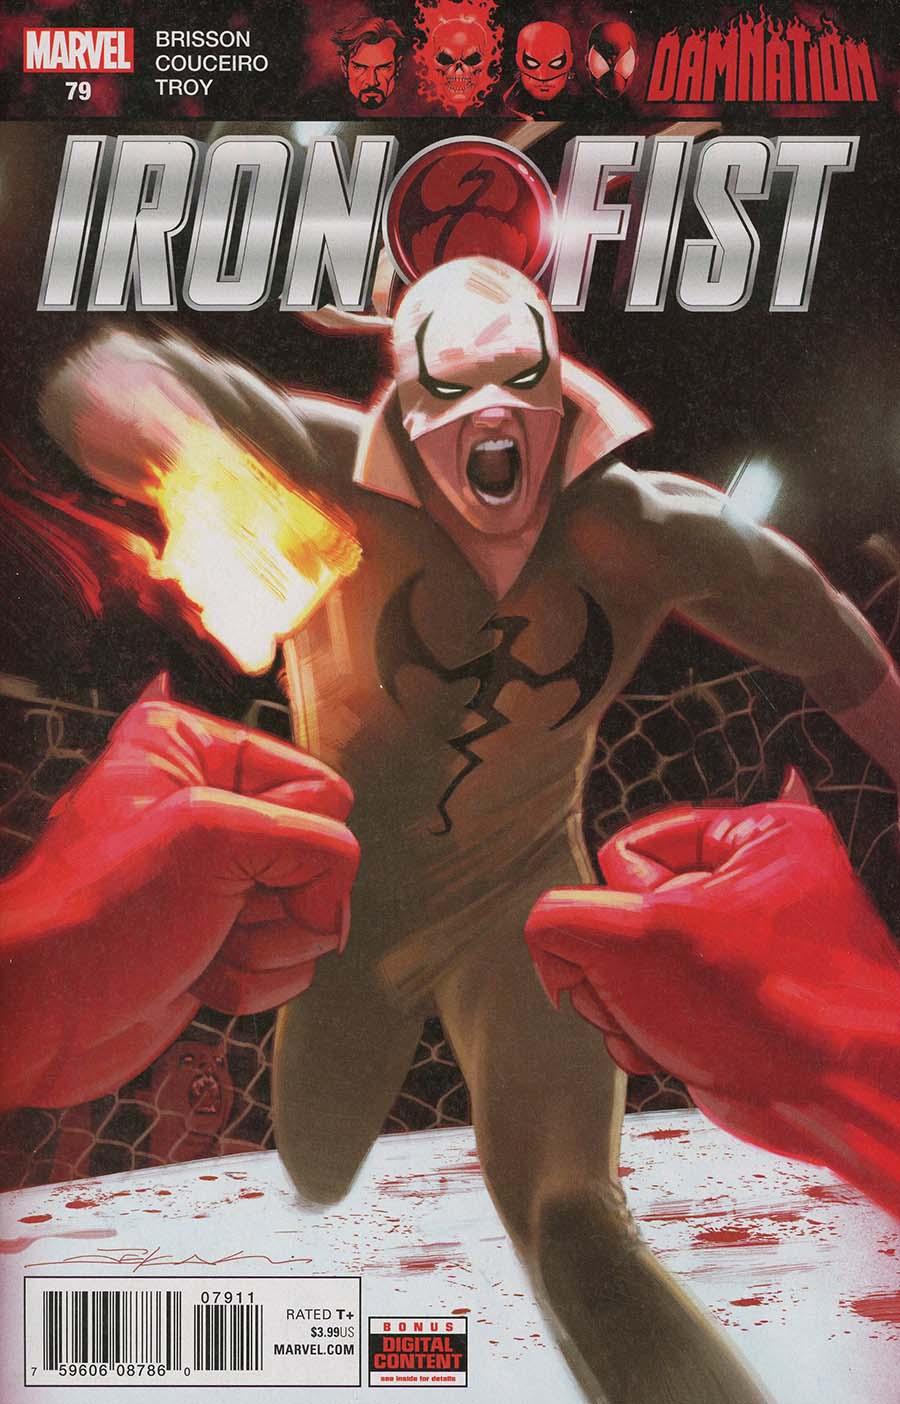 Iron Fist Vol 5 #79 (Damnation Tie-In)